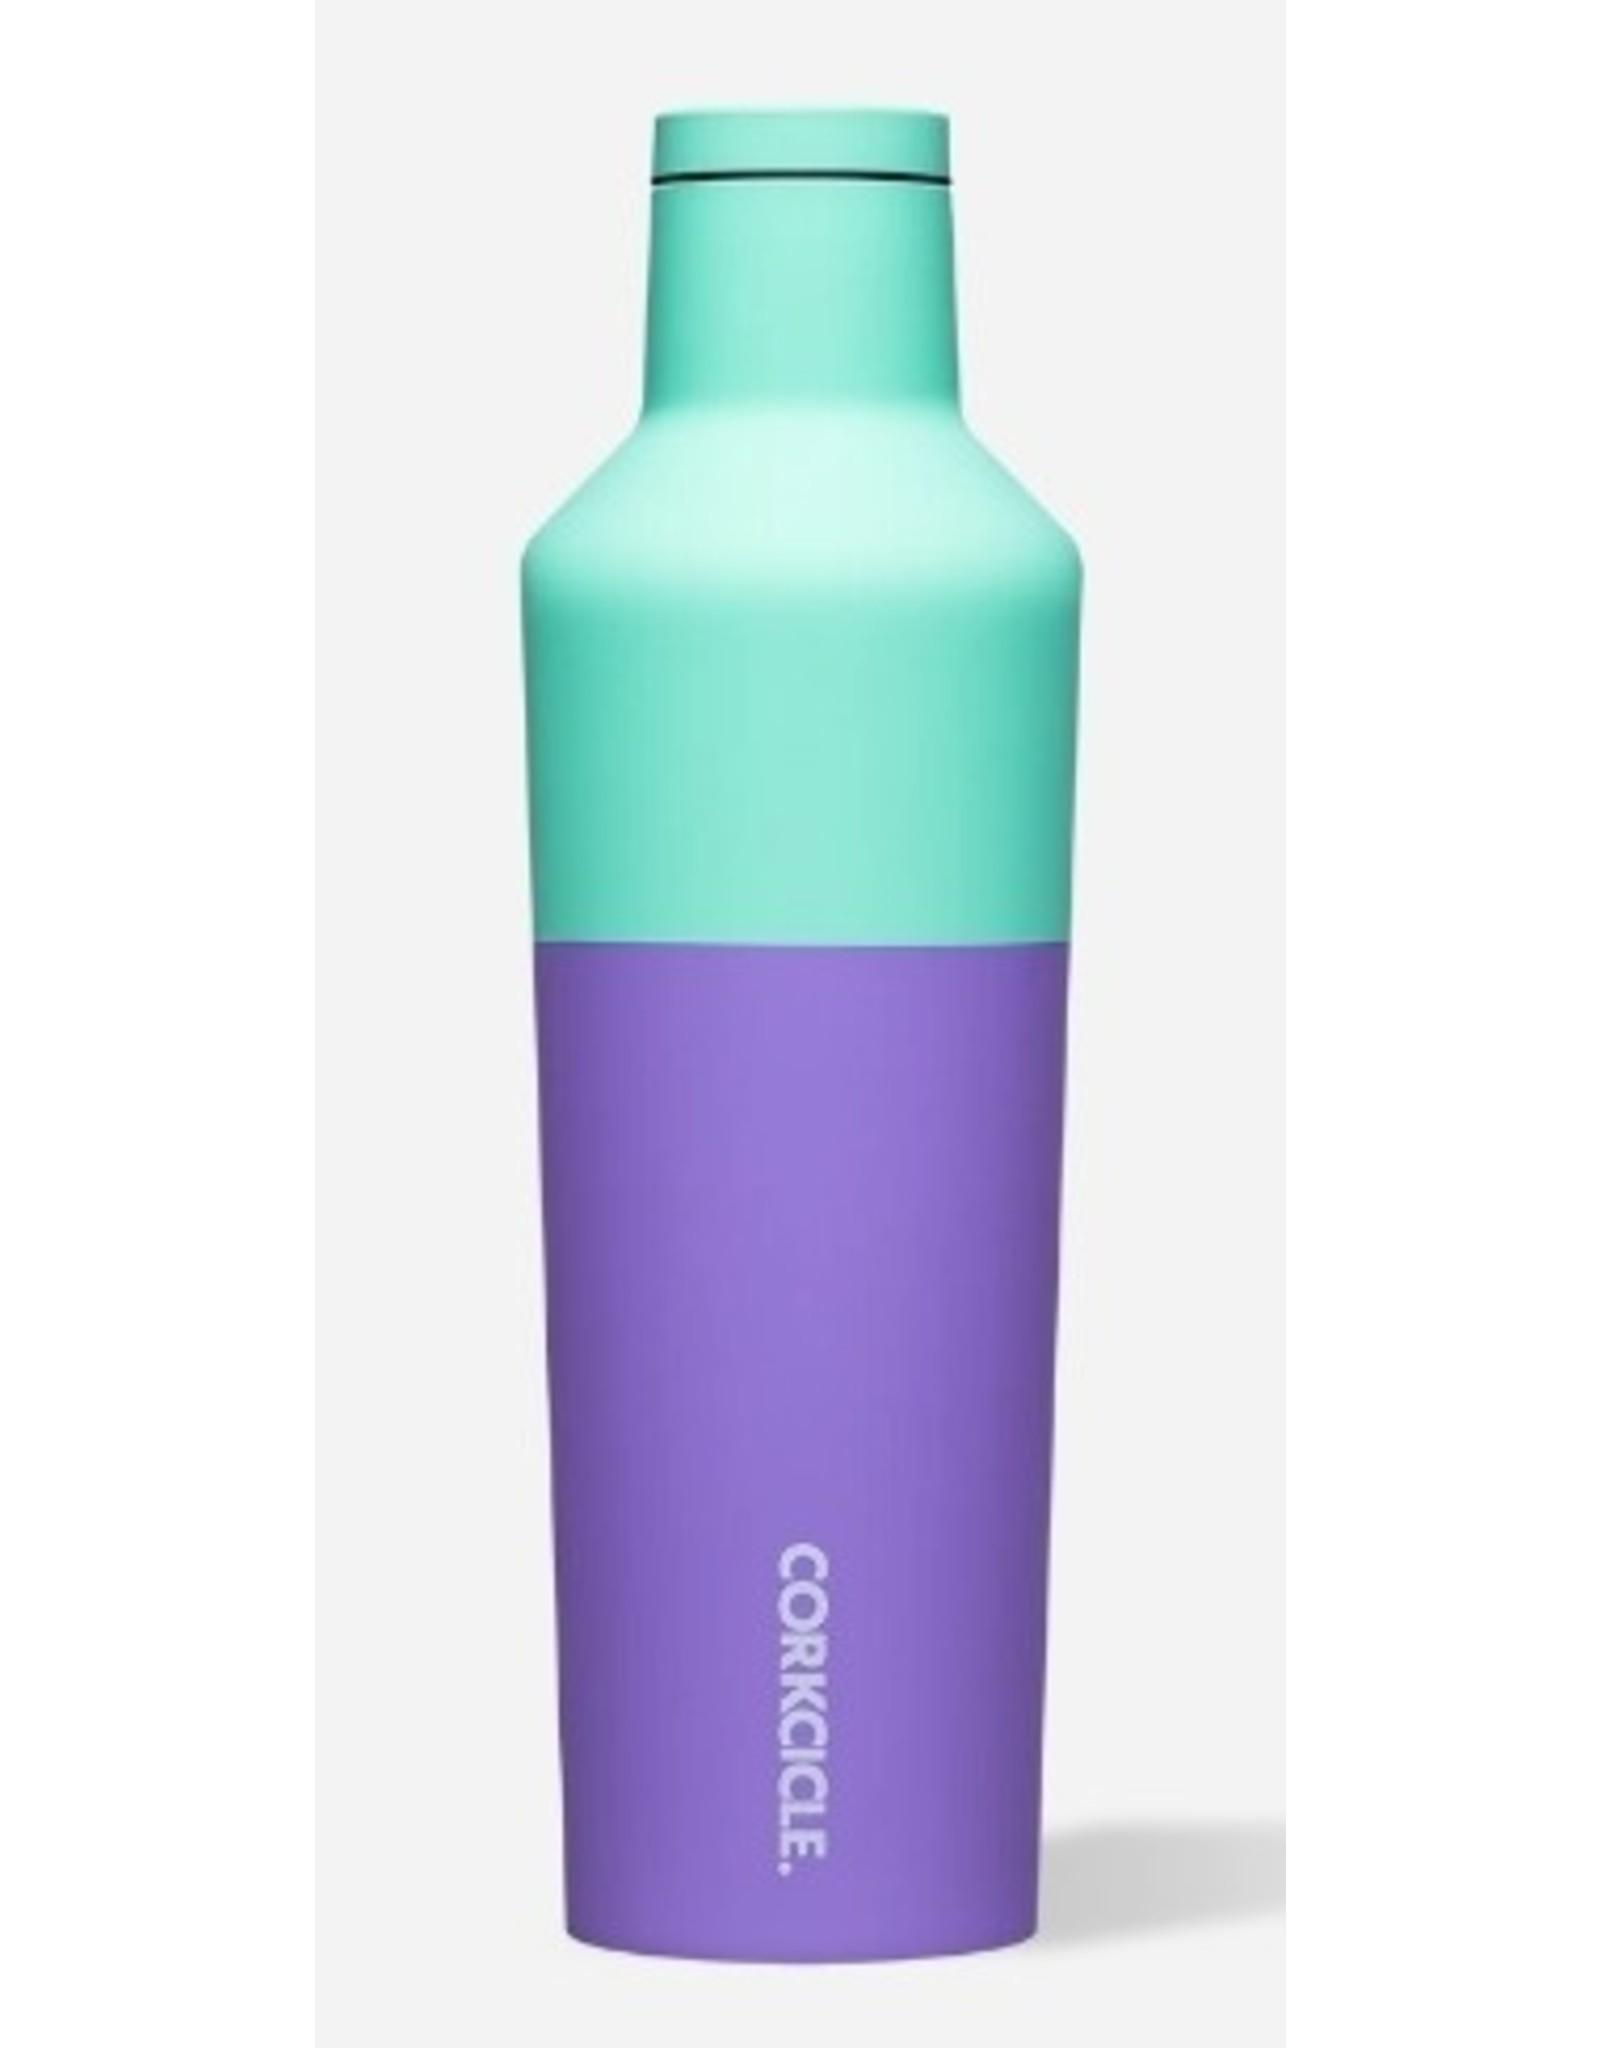 Corkcicle Canteen Bottle - 16oz Color Block Mint Berry